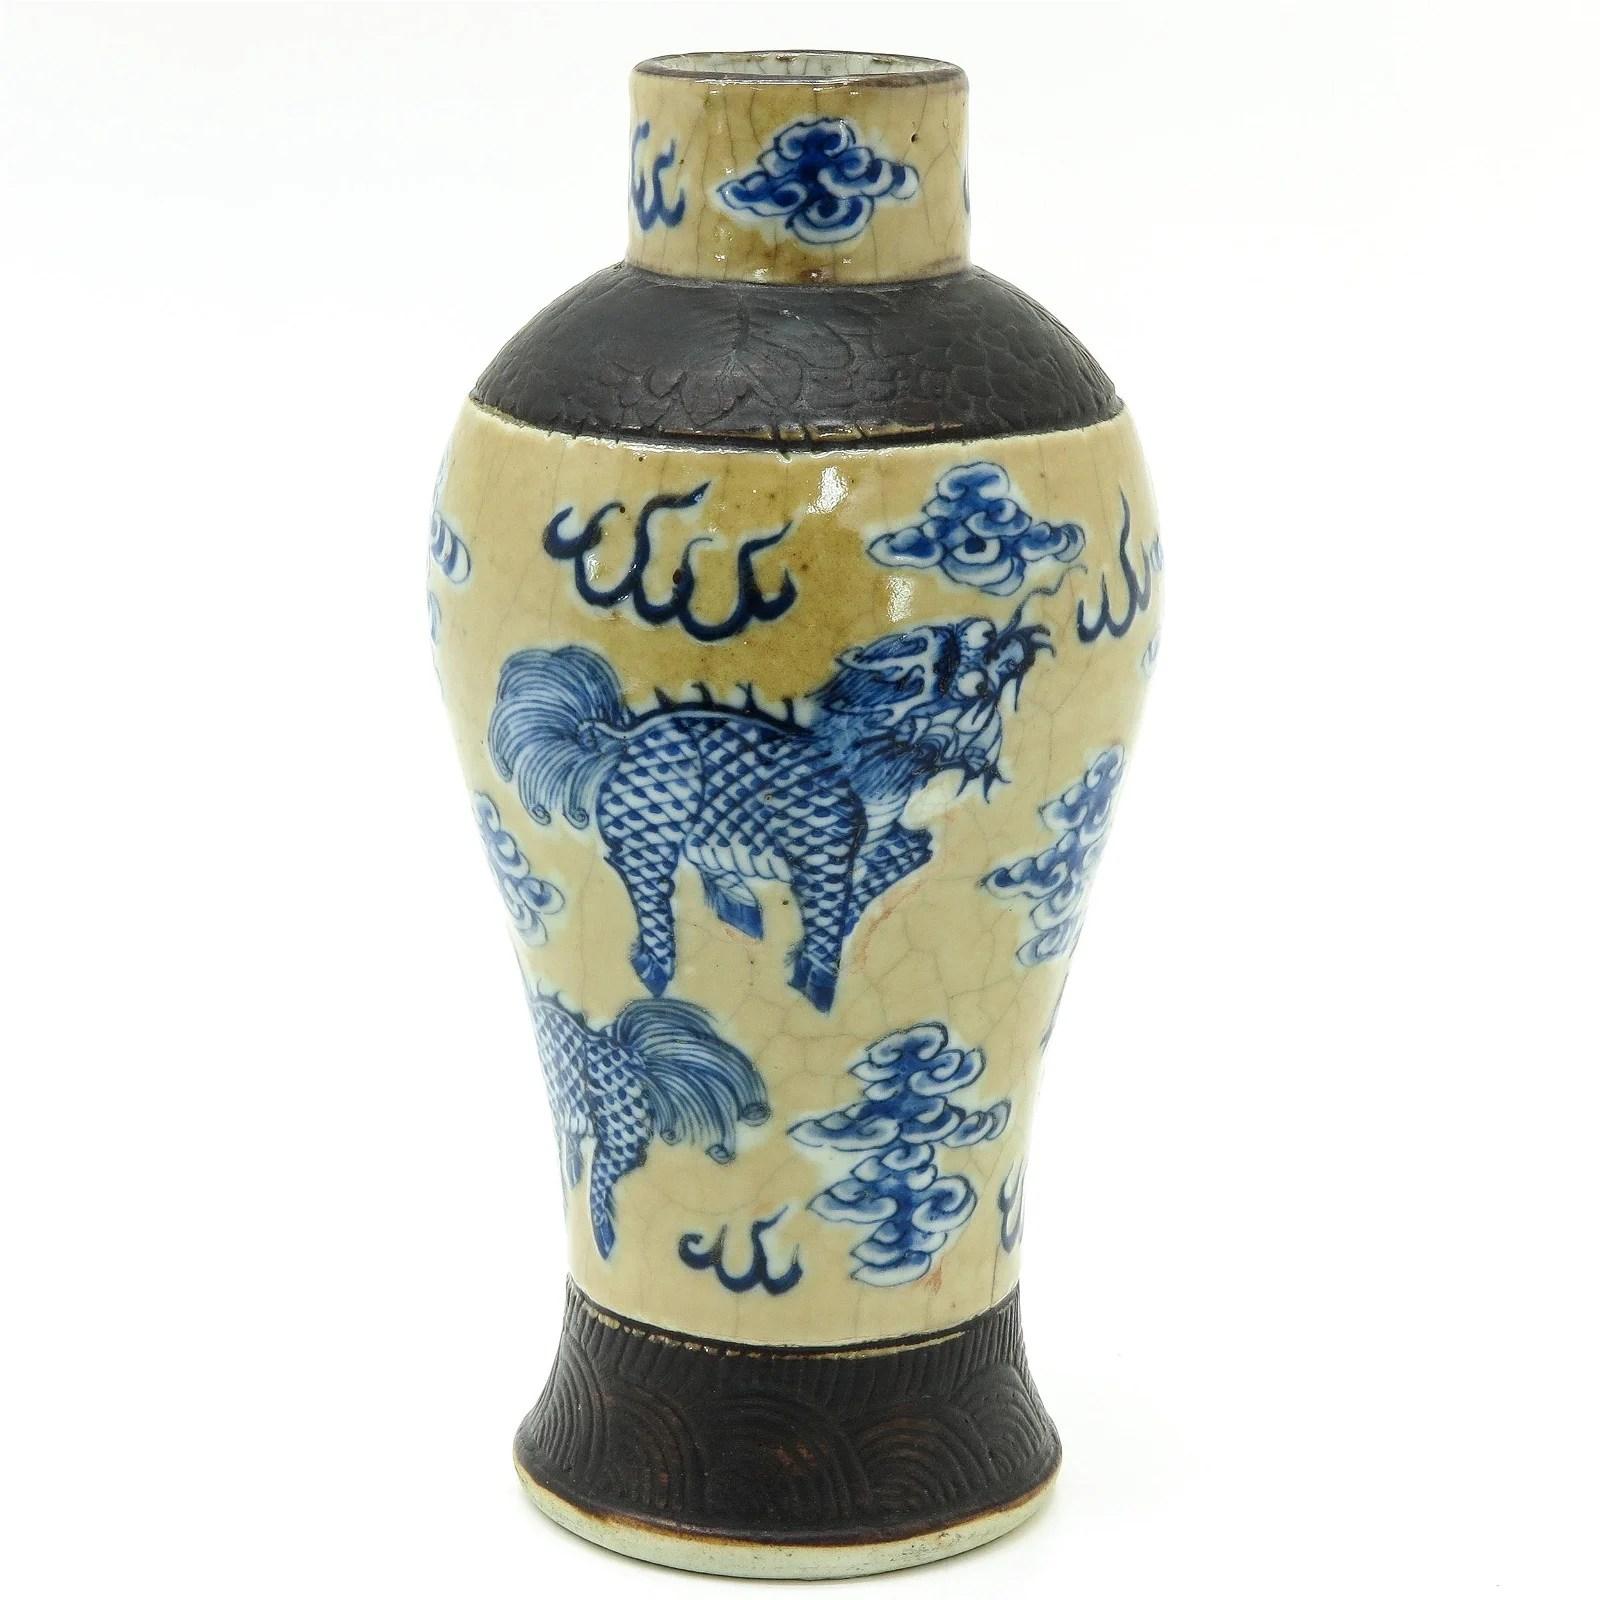 A Chinese Stoneware Vase